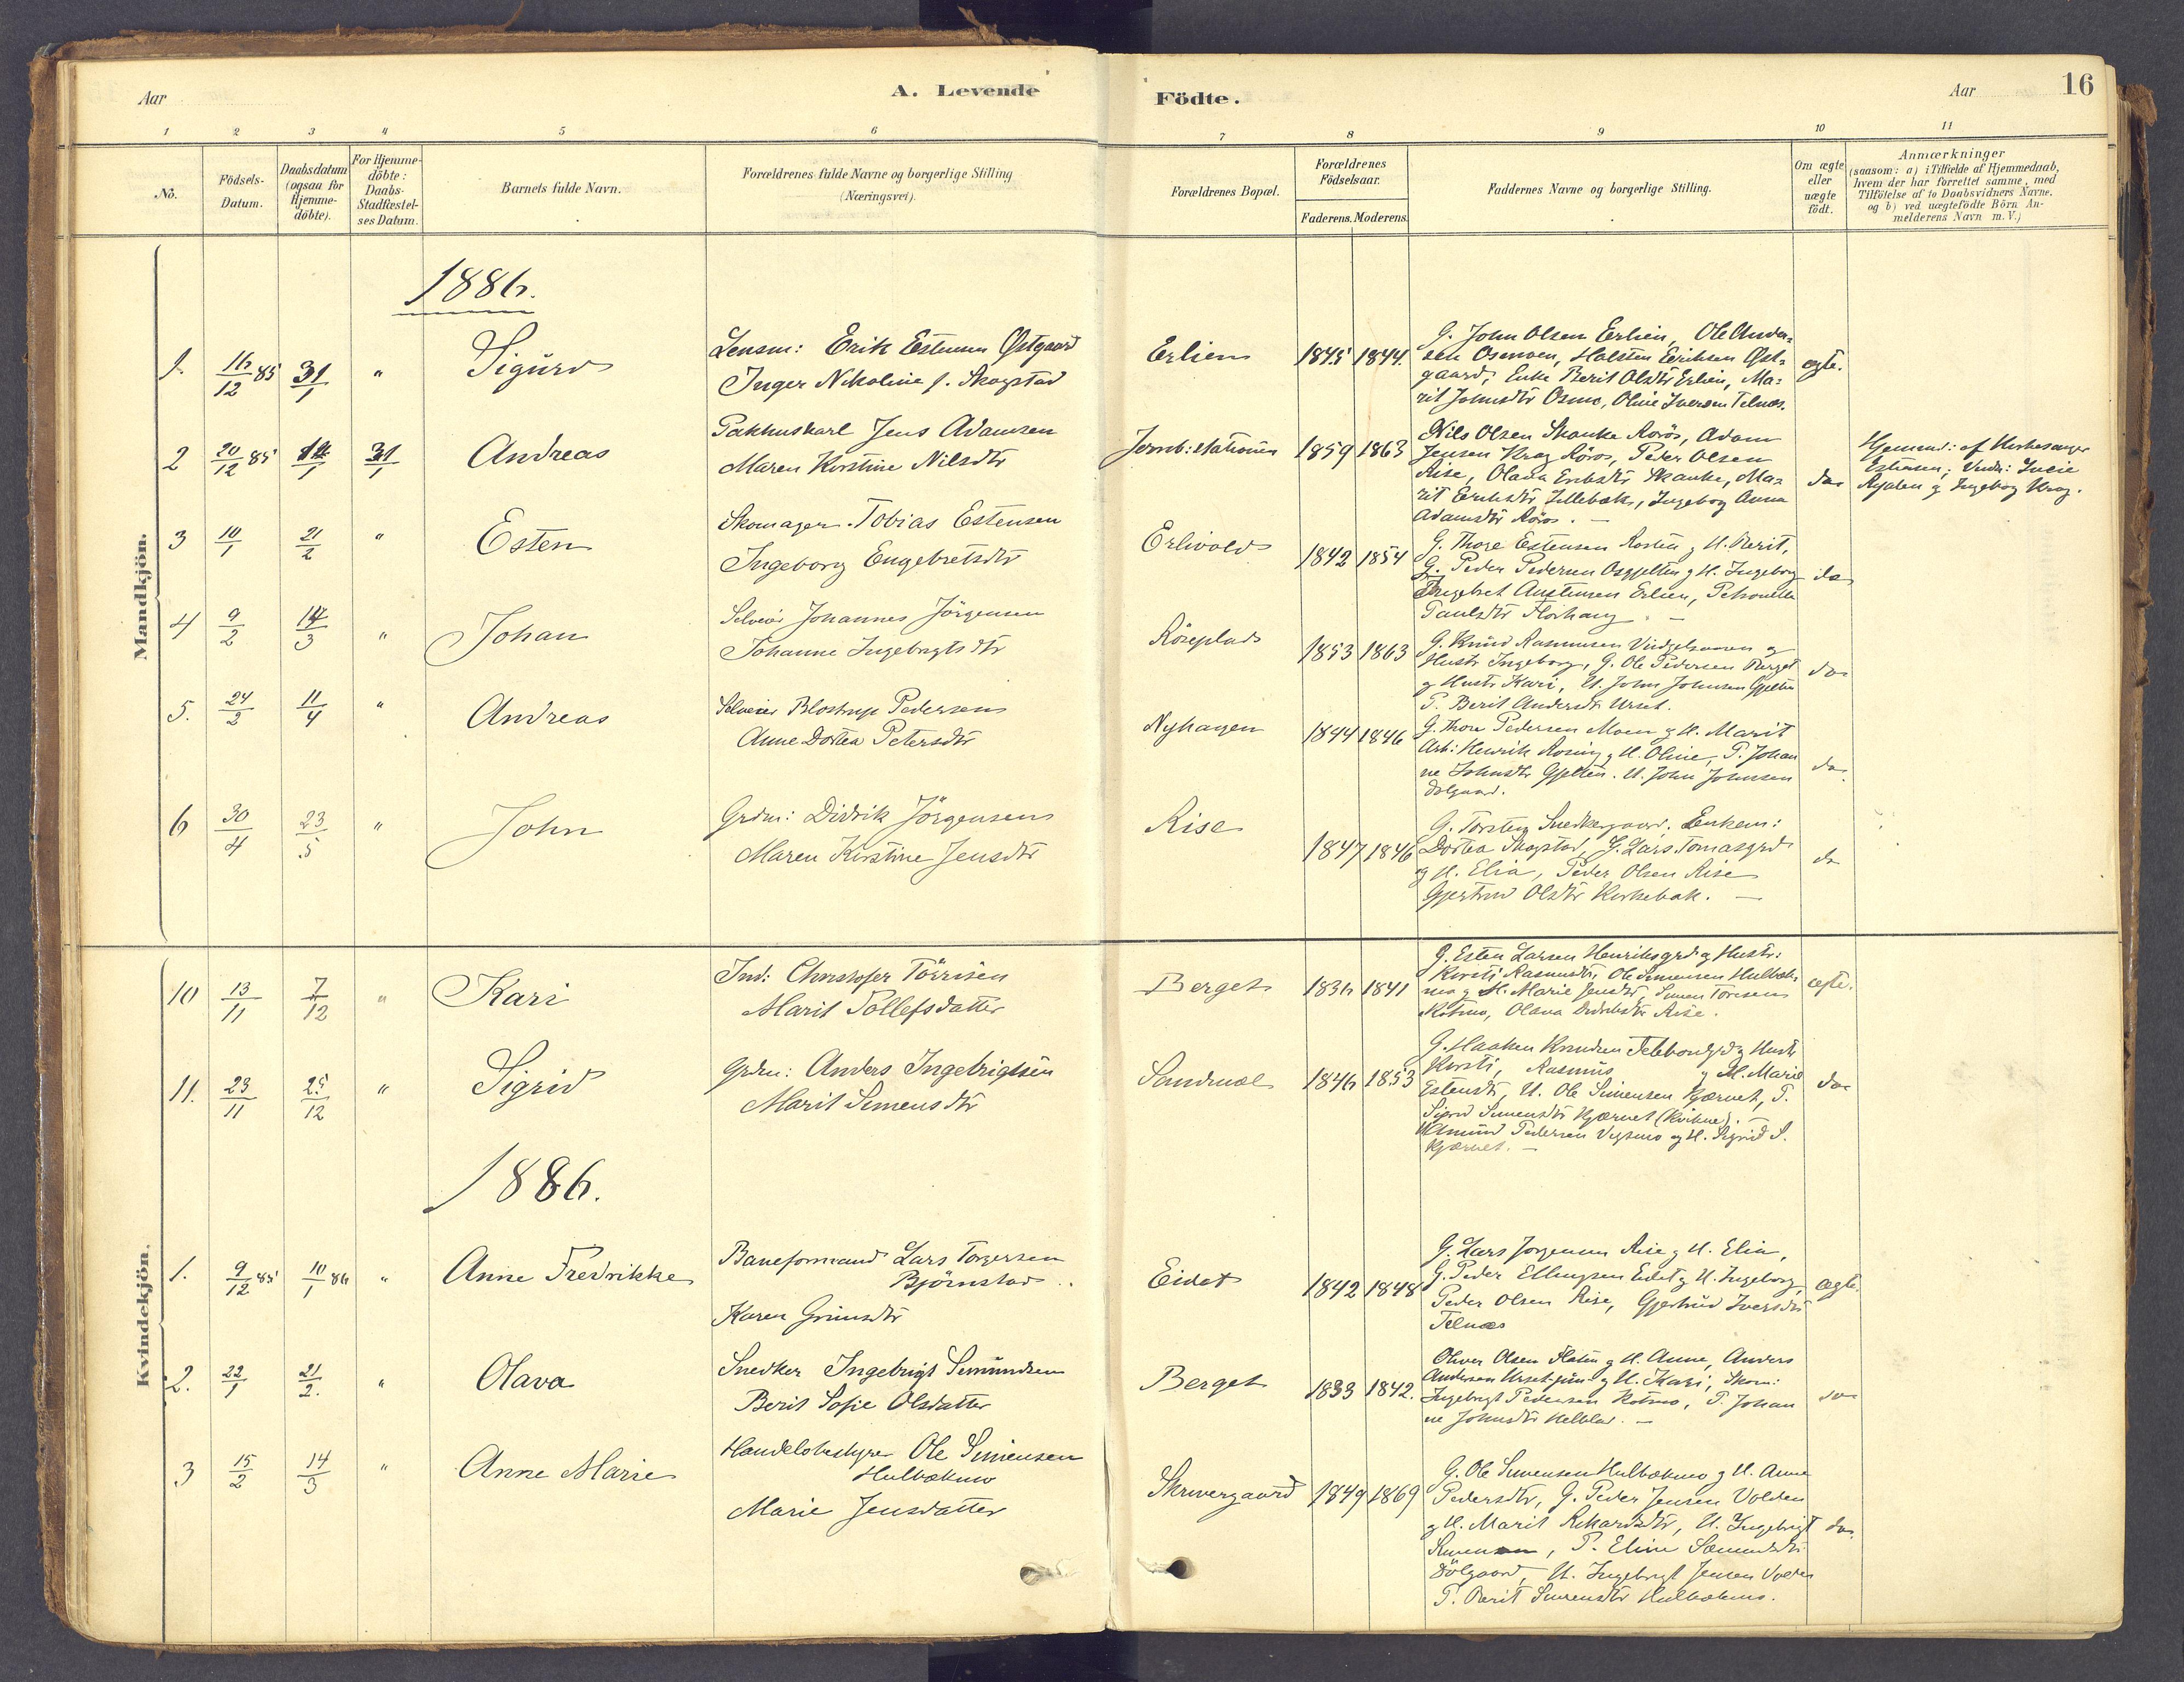 SAH, Tolga prestekontor, K/L0011: Ministerialbok nr. 11, 1877-1920, s. 16